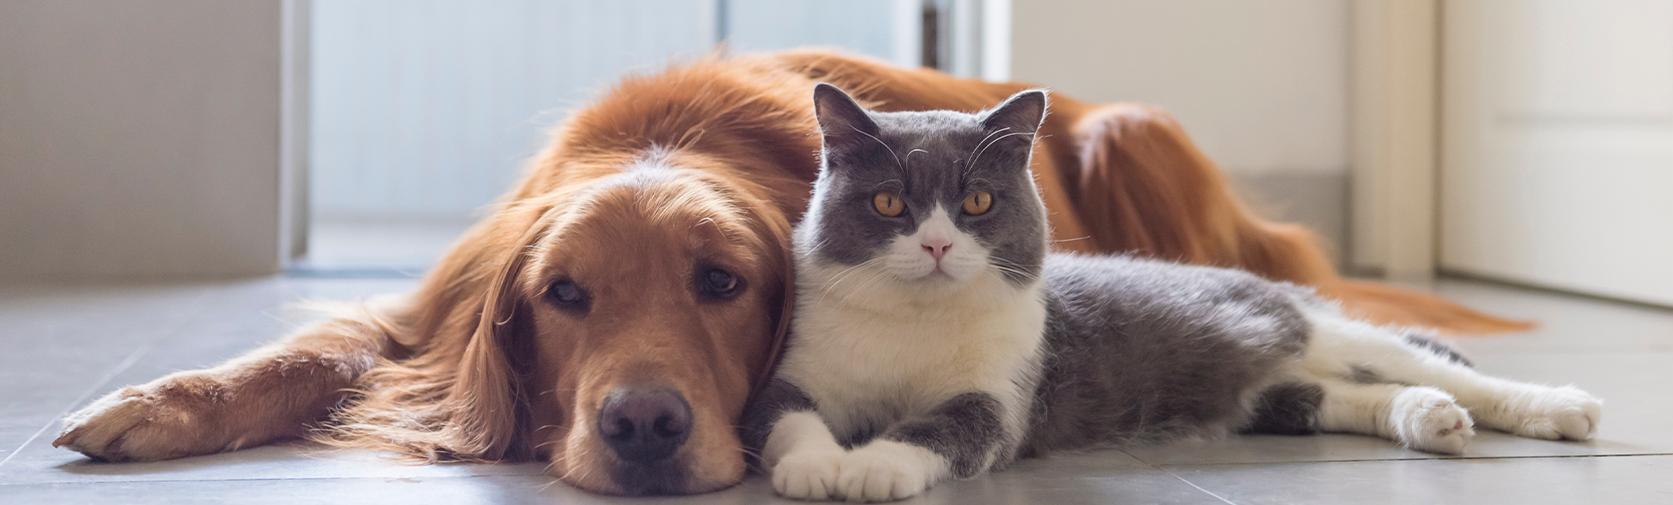 Vétérinaire à domicile  Euthanasie  Vétérinaire à Montréal